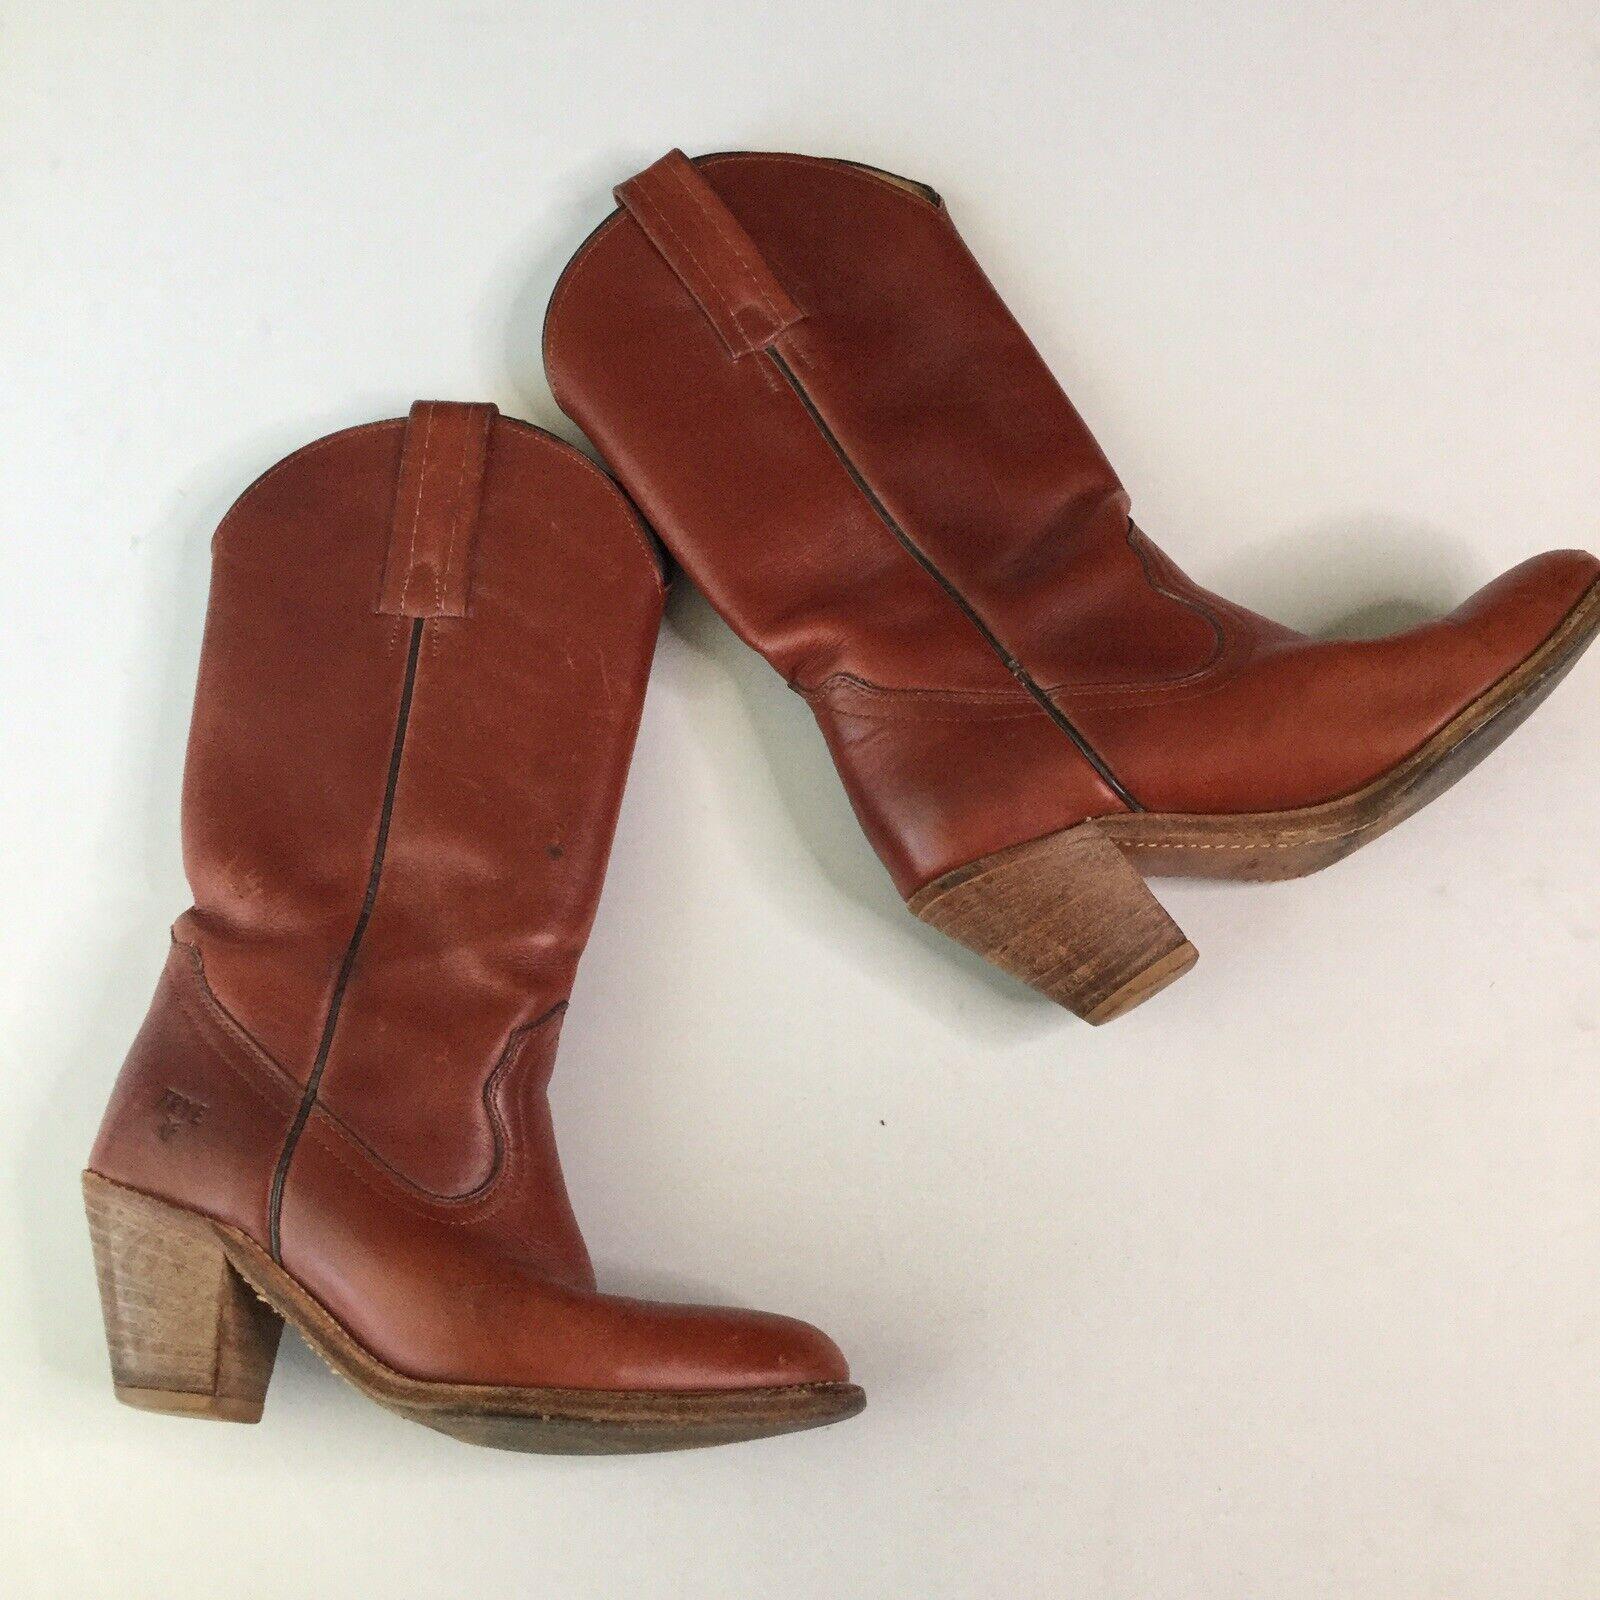 Vtg  Frye donna Cowboy stivali 5.5 B Marronee Leather Western Stack Heel paese  spedizione e scambi gratuiti.